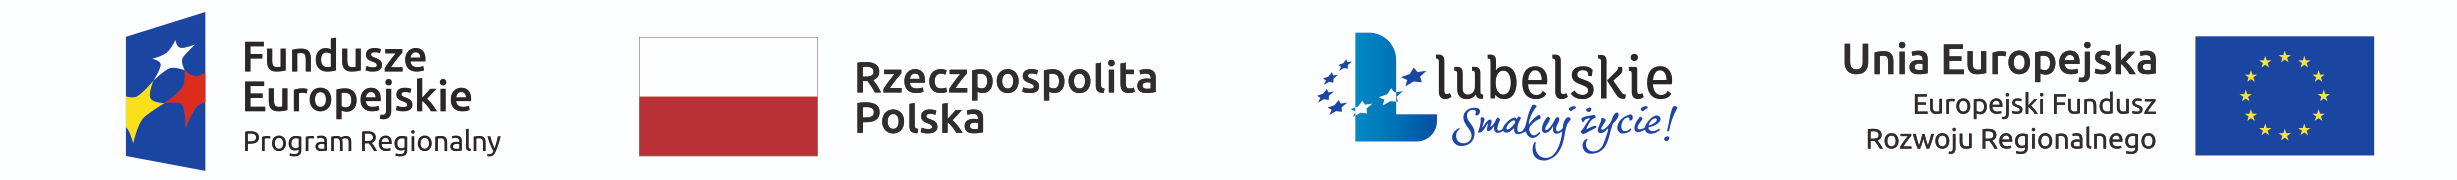 Obrazek przedstawia oznakowania dla projektu: Fundusze Europejskie (program regionalny), flagę Rzeczpospolitej Polskiej, logo województwa lubelskiego wraz z hasłem - Smakuj życie! - oraz flagę Unii Europejskiej.